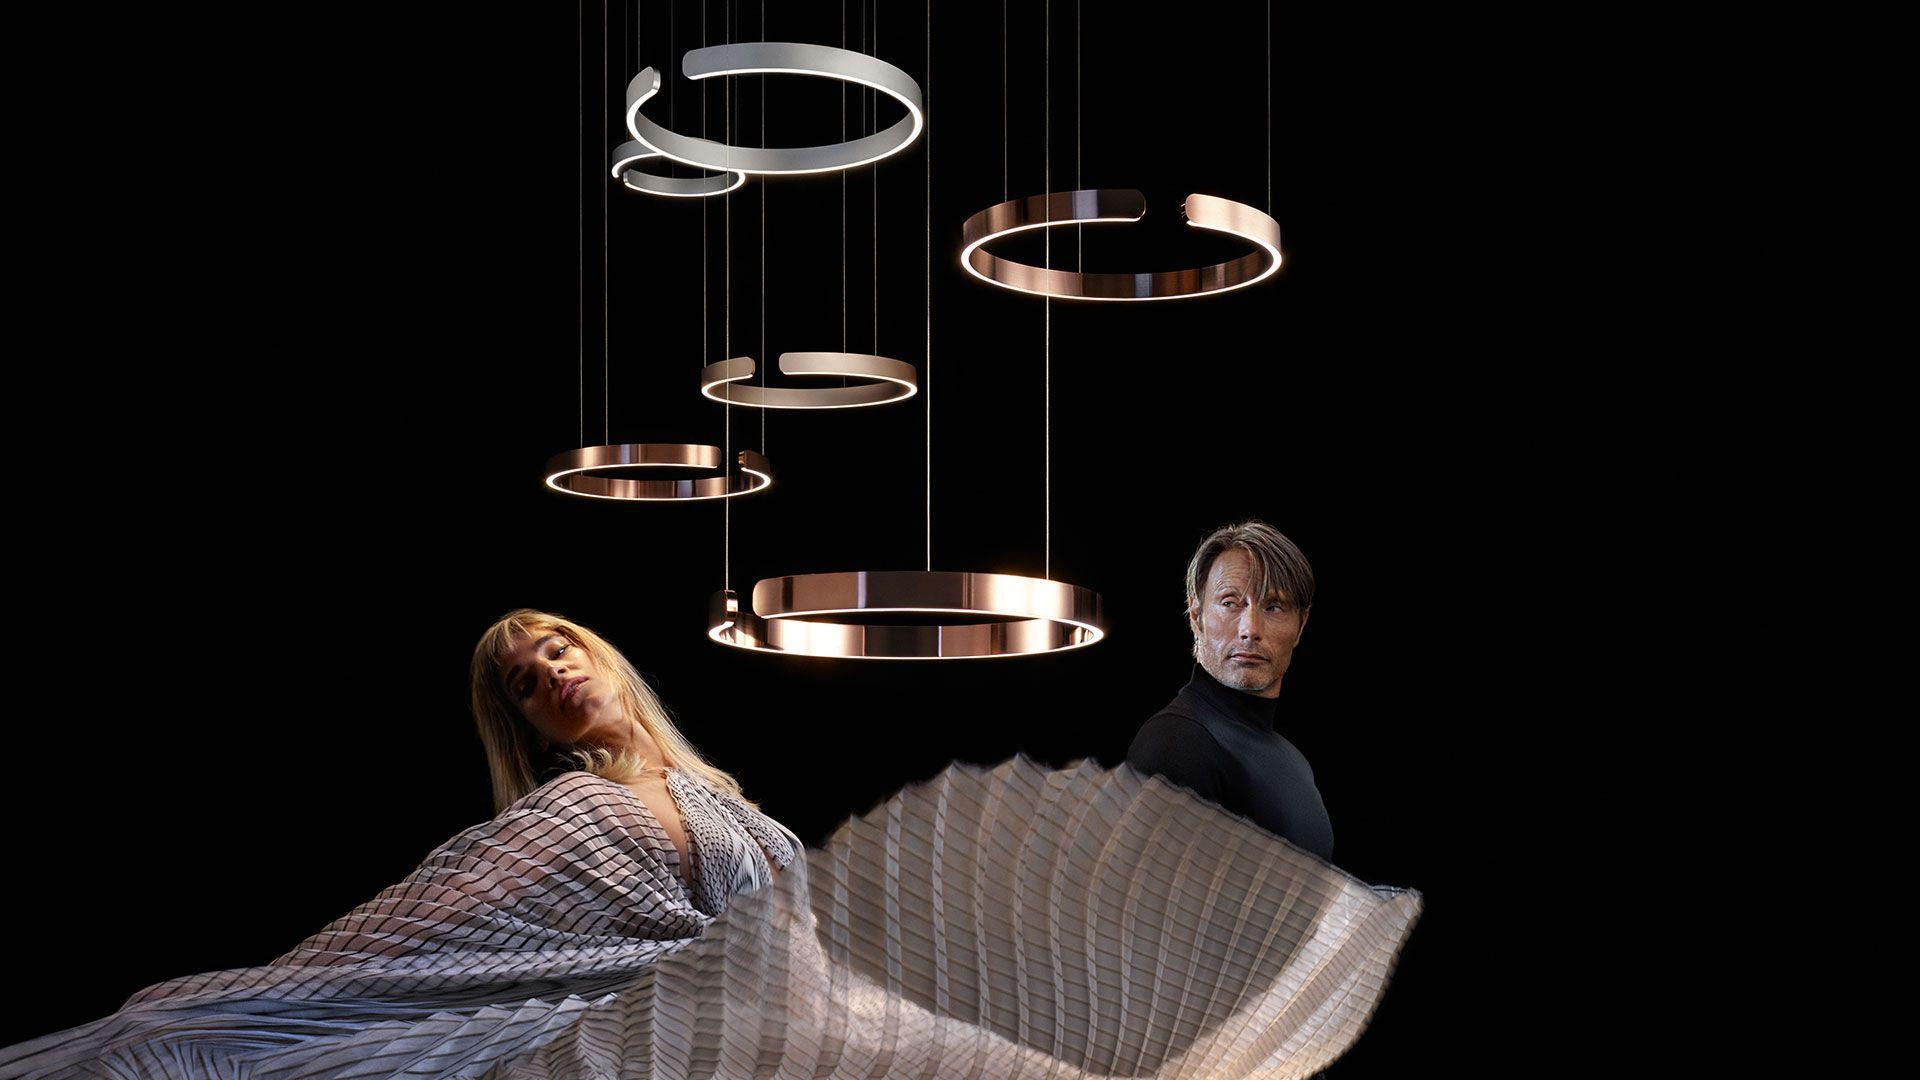 Occhio Presents The Charm Ammon Ideen Licht Lichtberatung Lichtkonzept Lichtplanung Lichtberater Elektrobauberatung Laup Licht Lampen Aussenleuchten